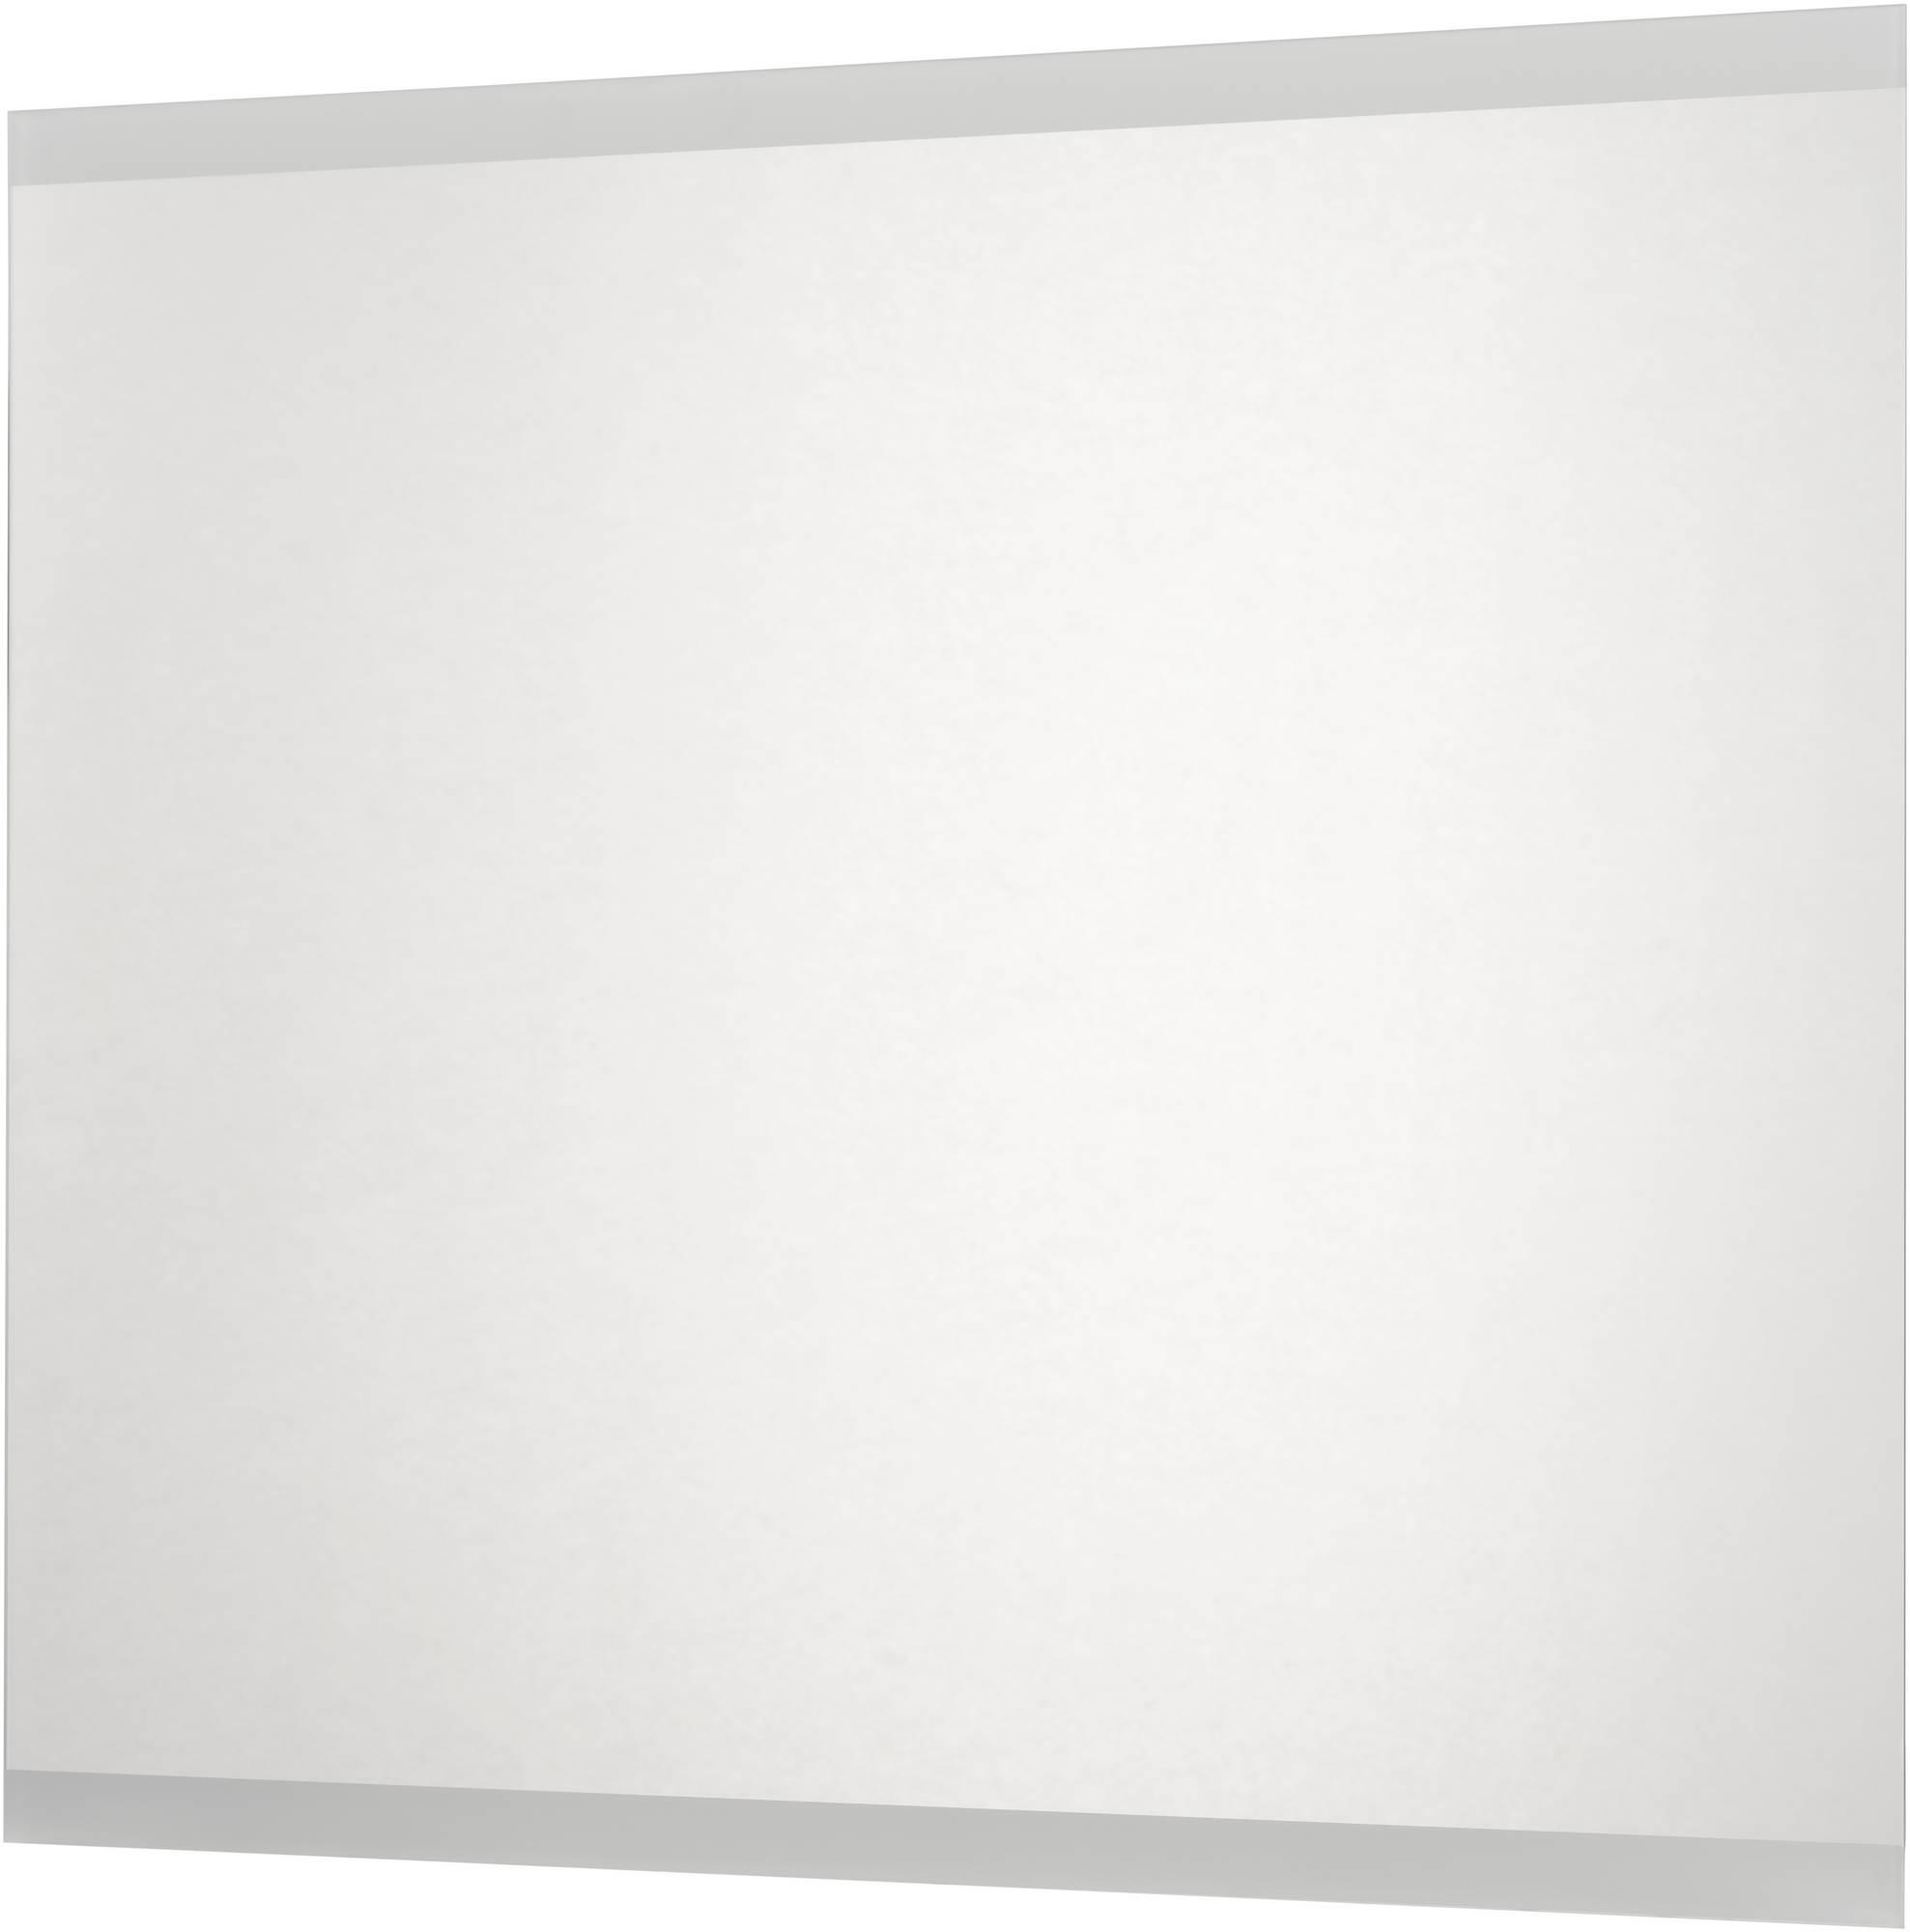 Saniselect Valence Spiegelpaneel Met LED verlichting boven en onder 80cm